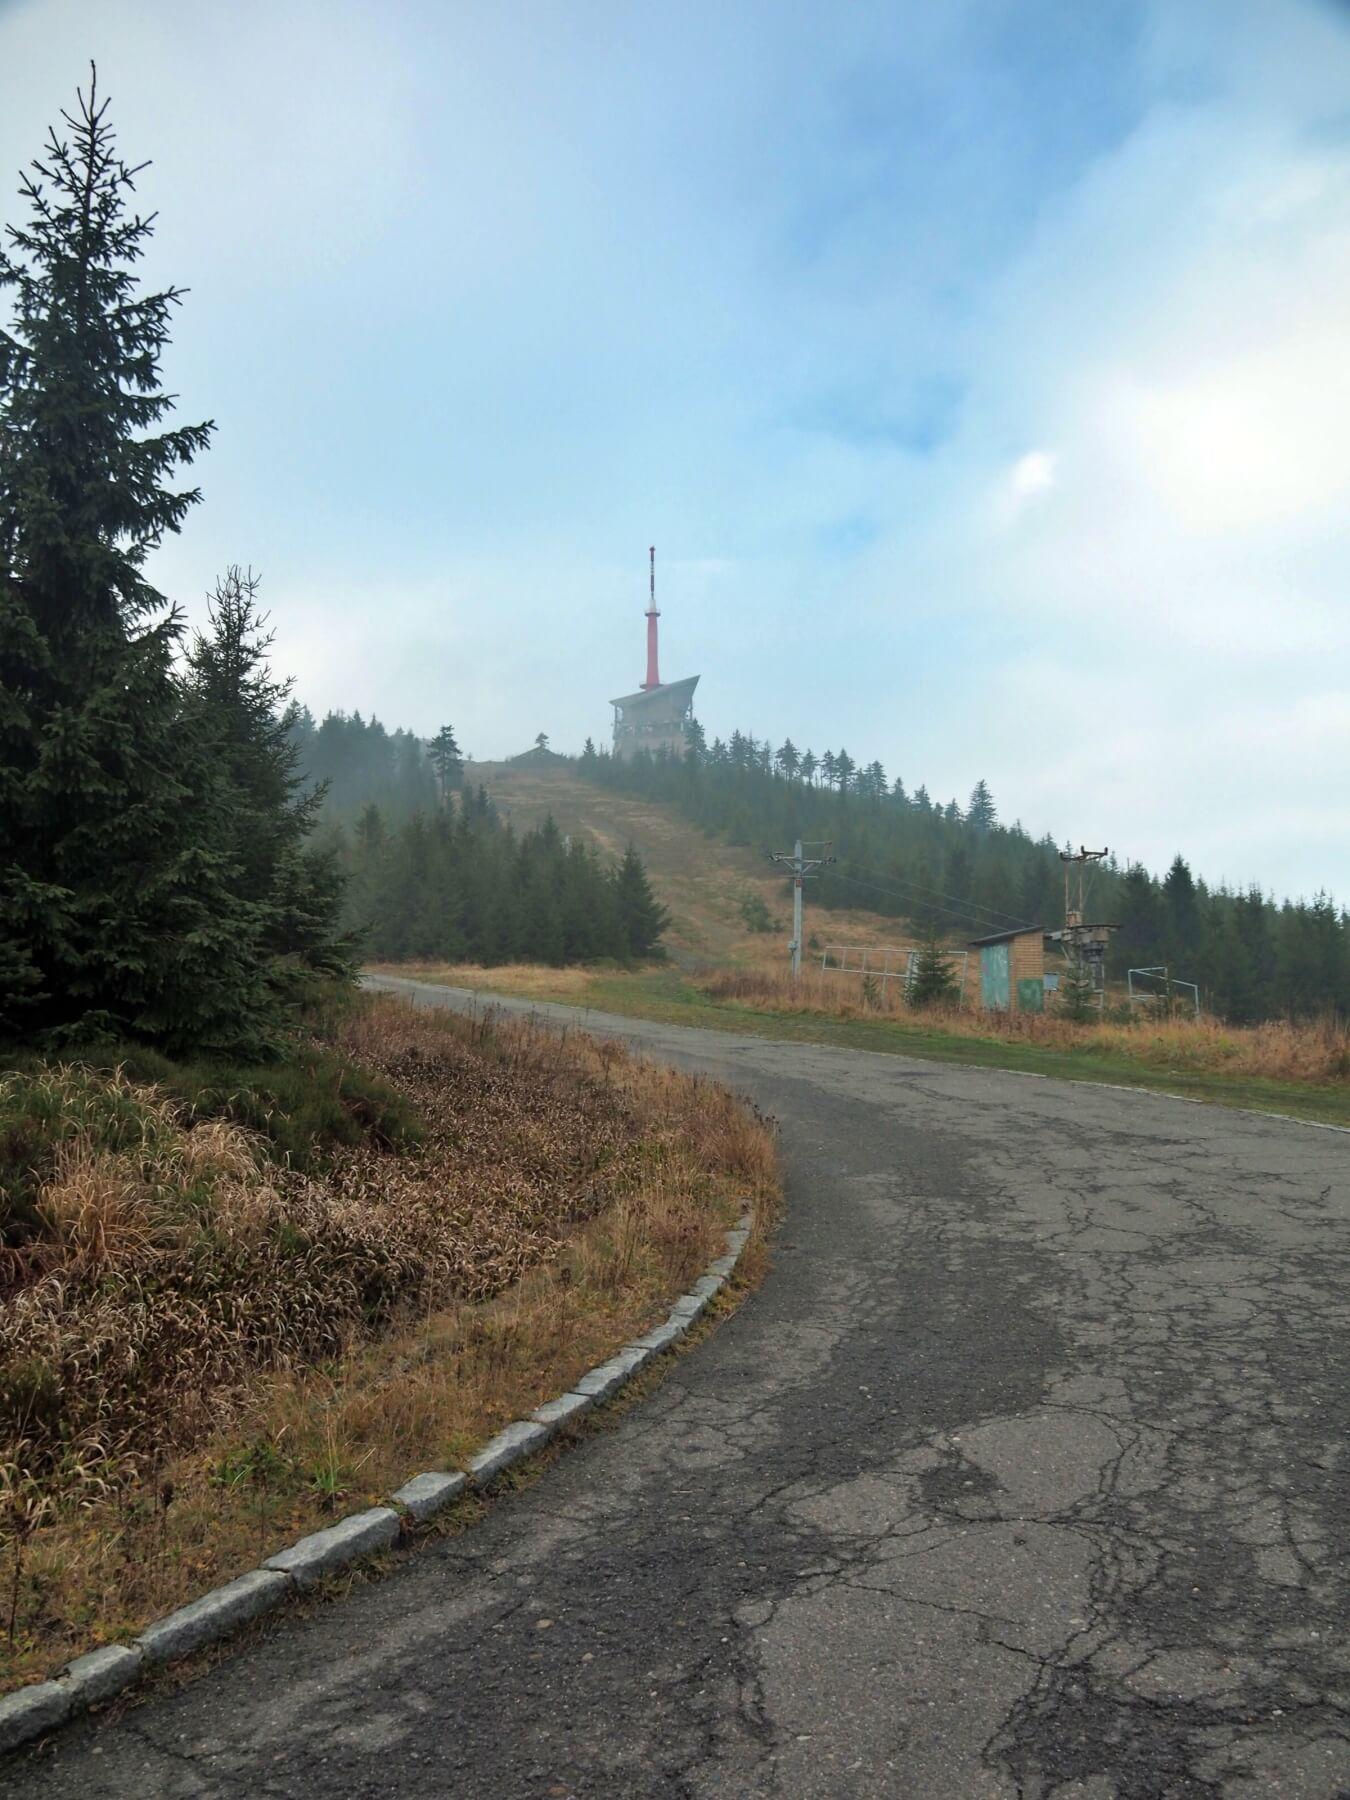 Poslední velké stoupání a výrazný vrchol naší cesty. Lysá hora (1 323 m n. m.). Nejvyšší vrchol Moravskoslezkých Beskyd, našeho rodného kraje.